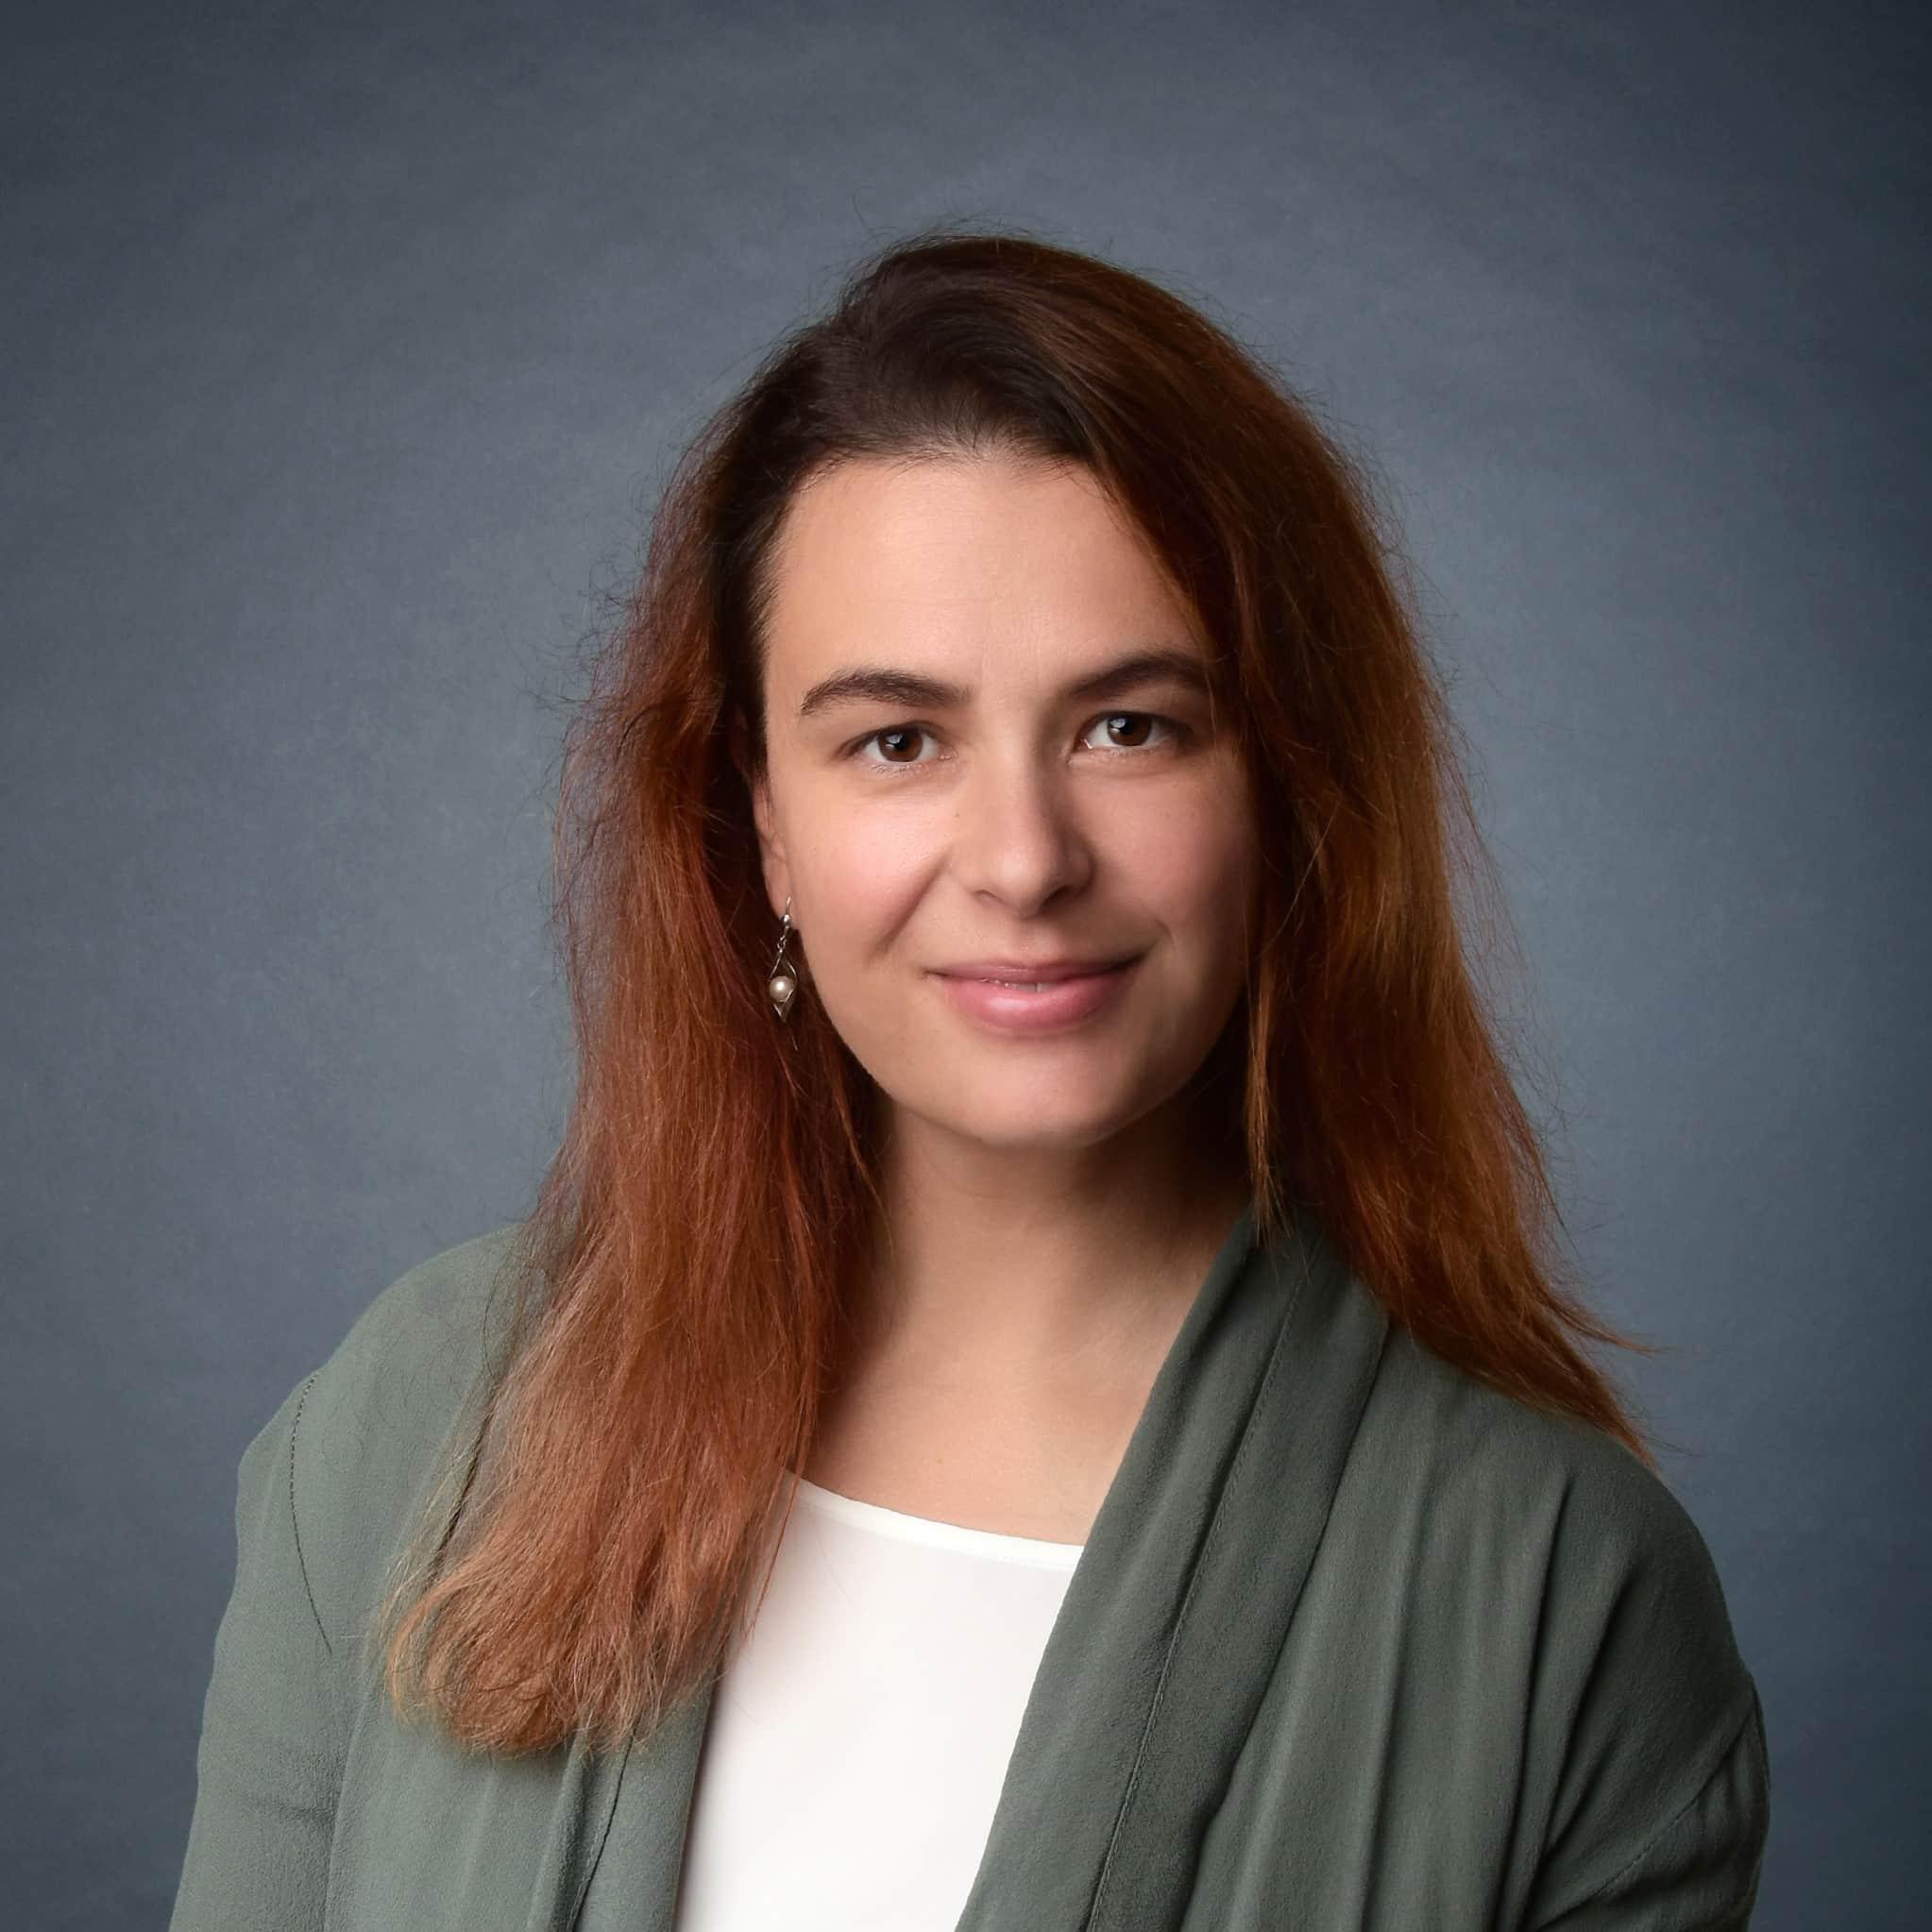 Dr. med. Eva Körner - Ärztliche Psychotherapeutin